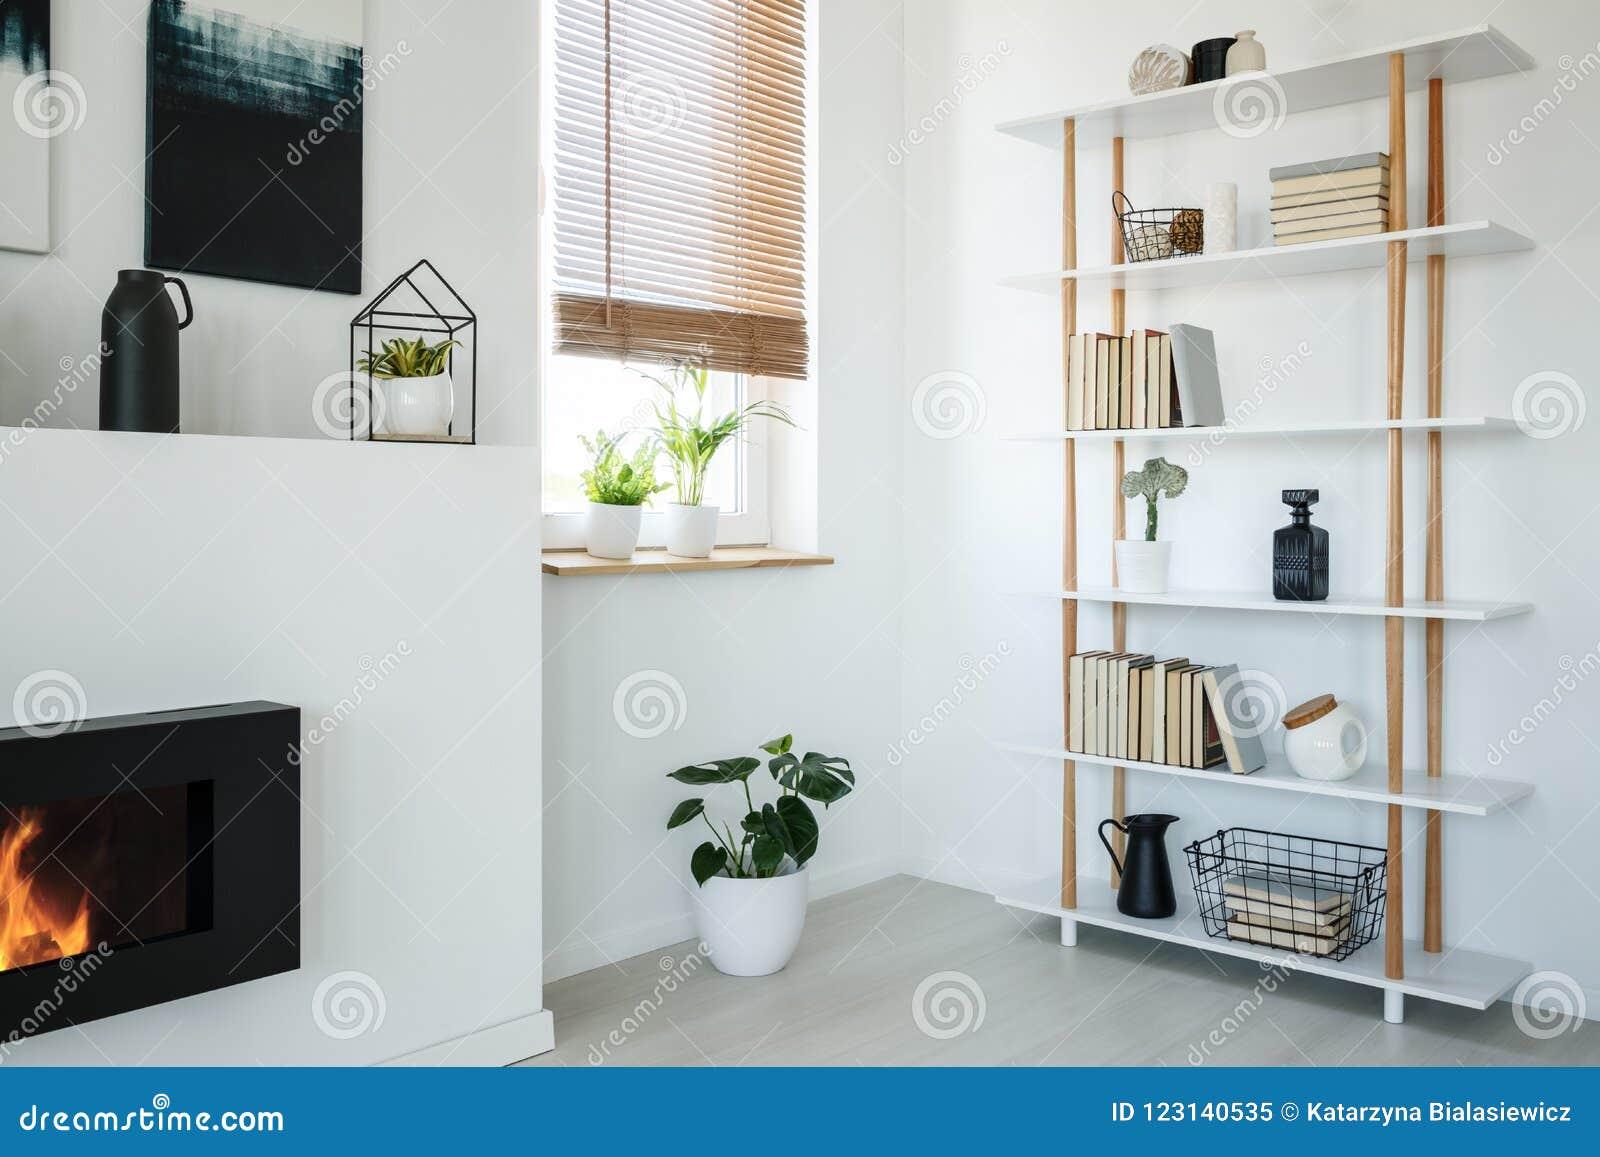 Moderne Boekenkast Wit.Wit Boekenkast Open Haard En Venster Met Installaties In Een